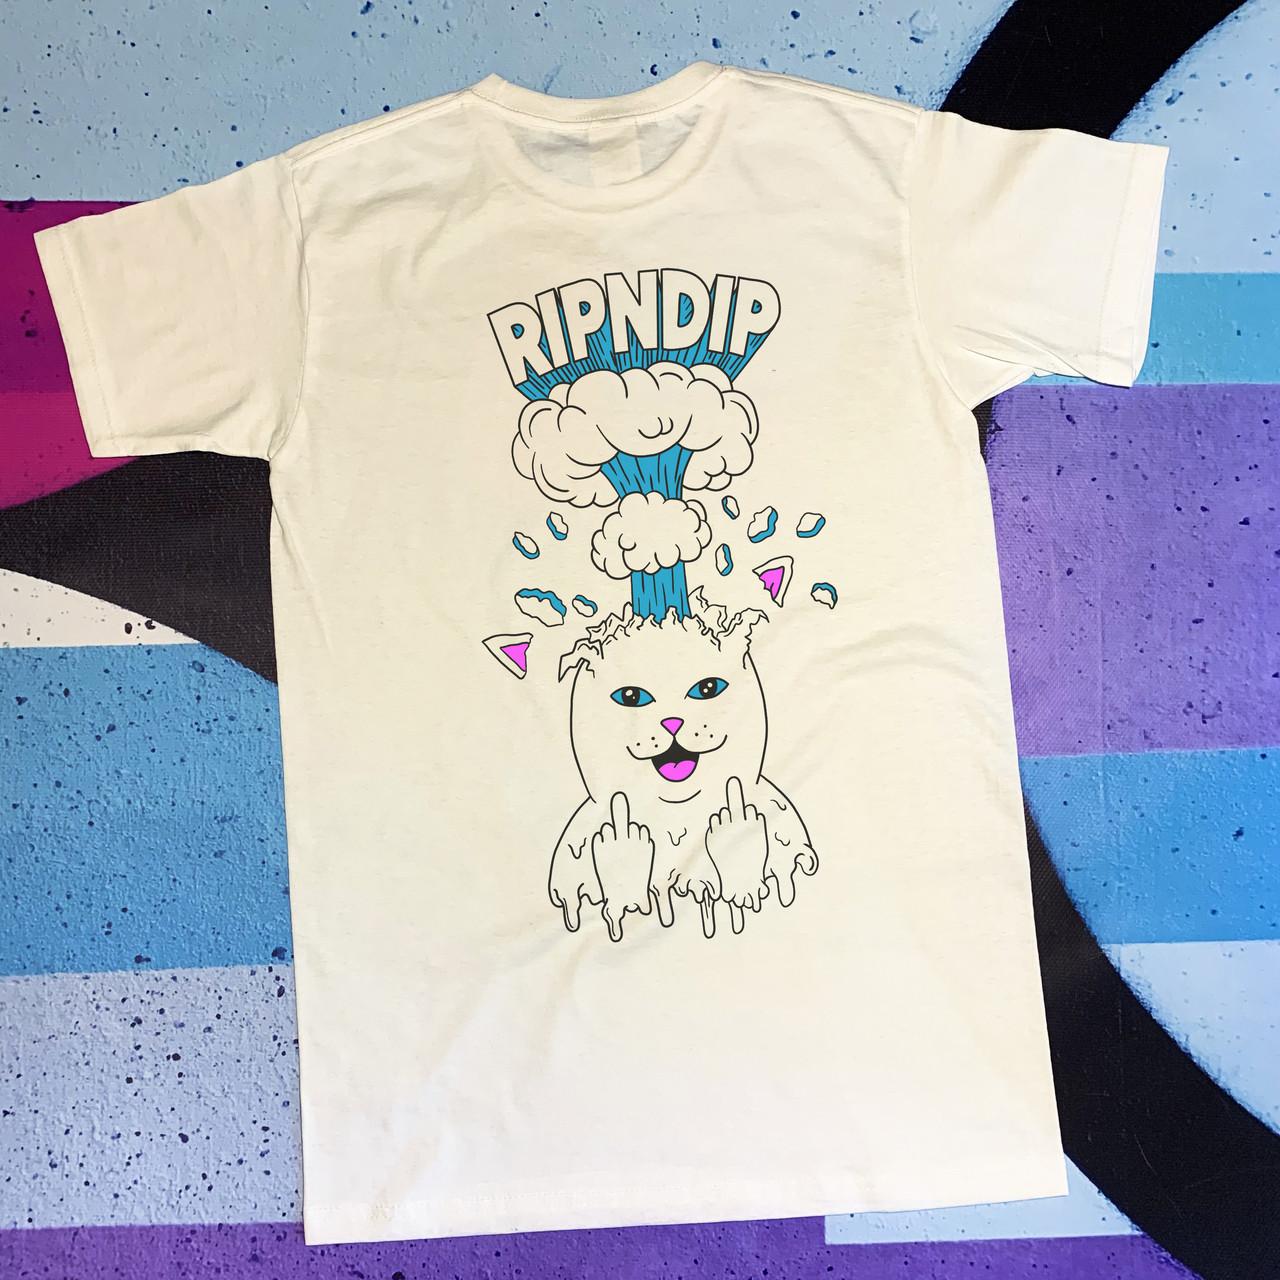 Біла футболка RipNDip • boom